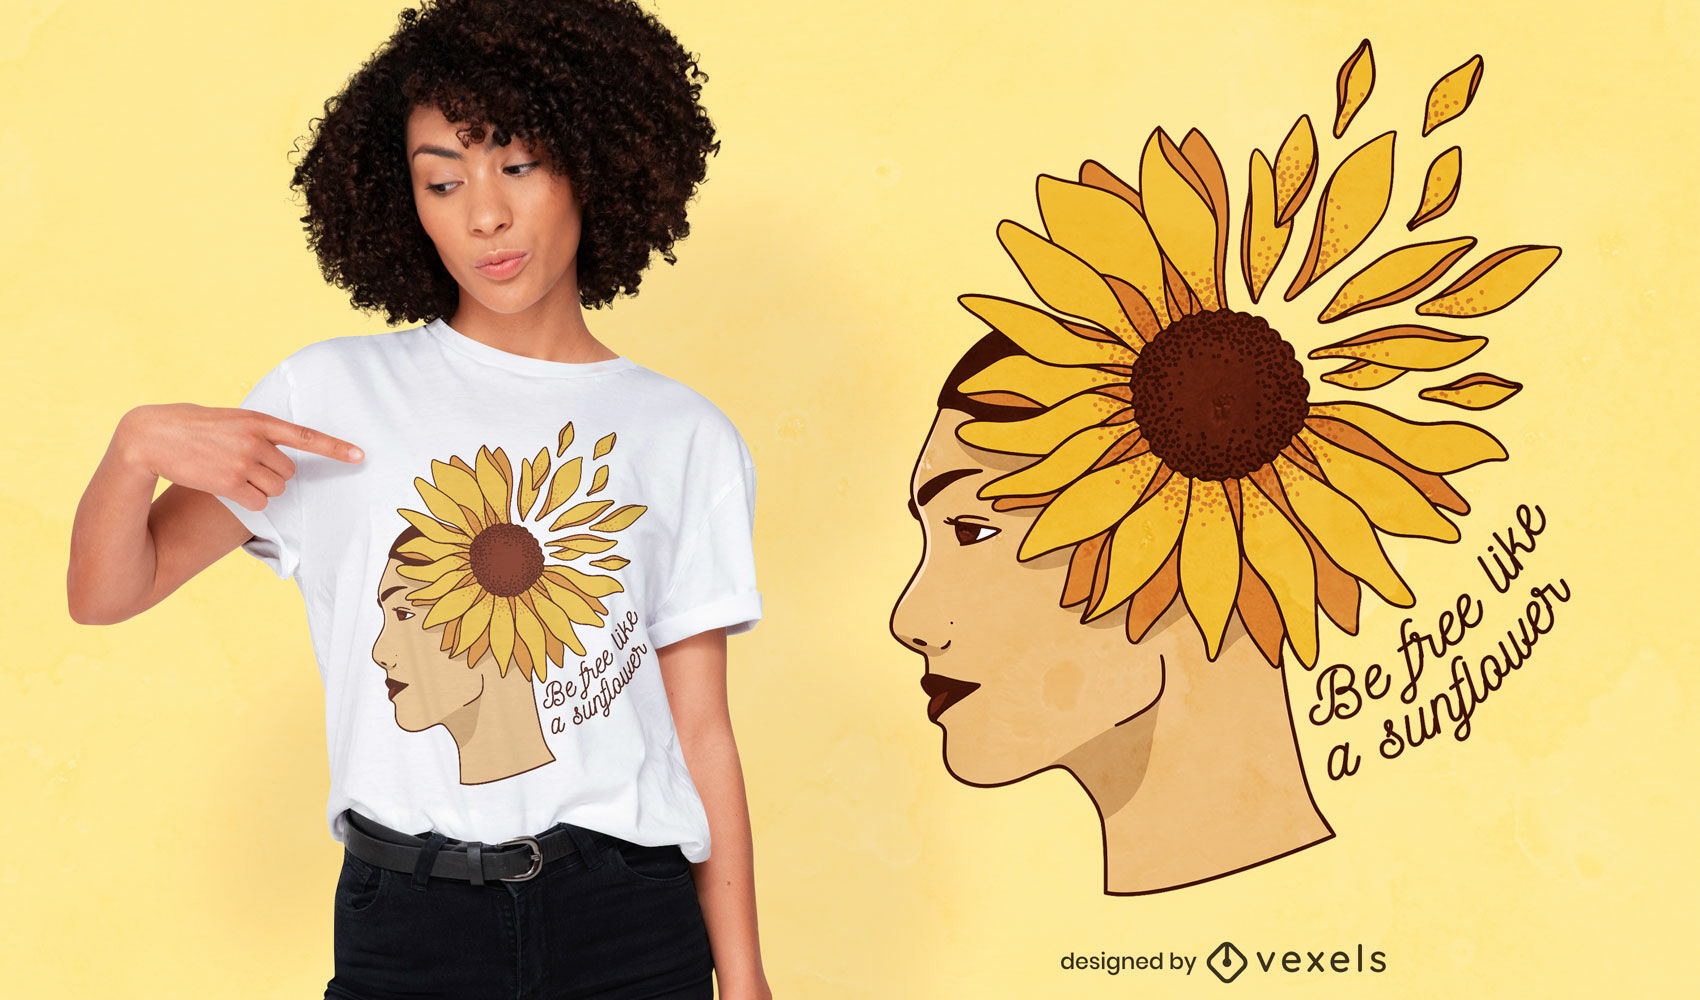 Dise?o de camiseta girasol mujer naturaleza.